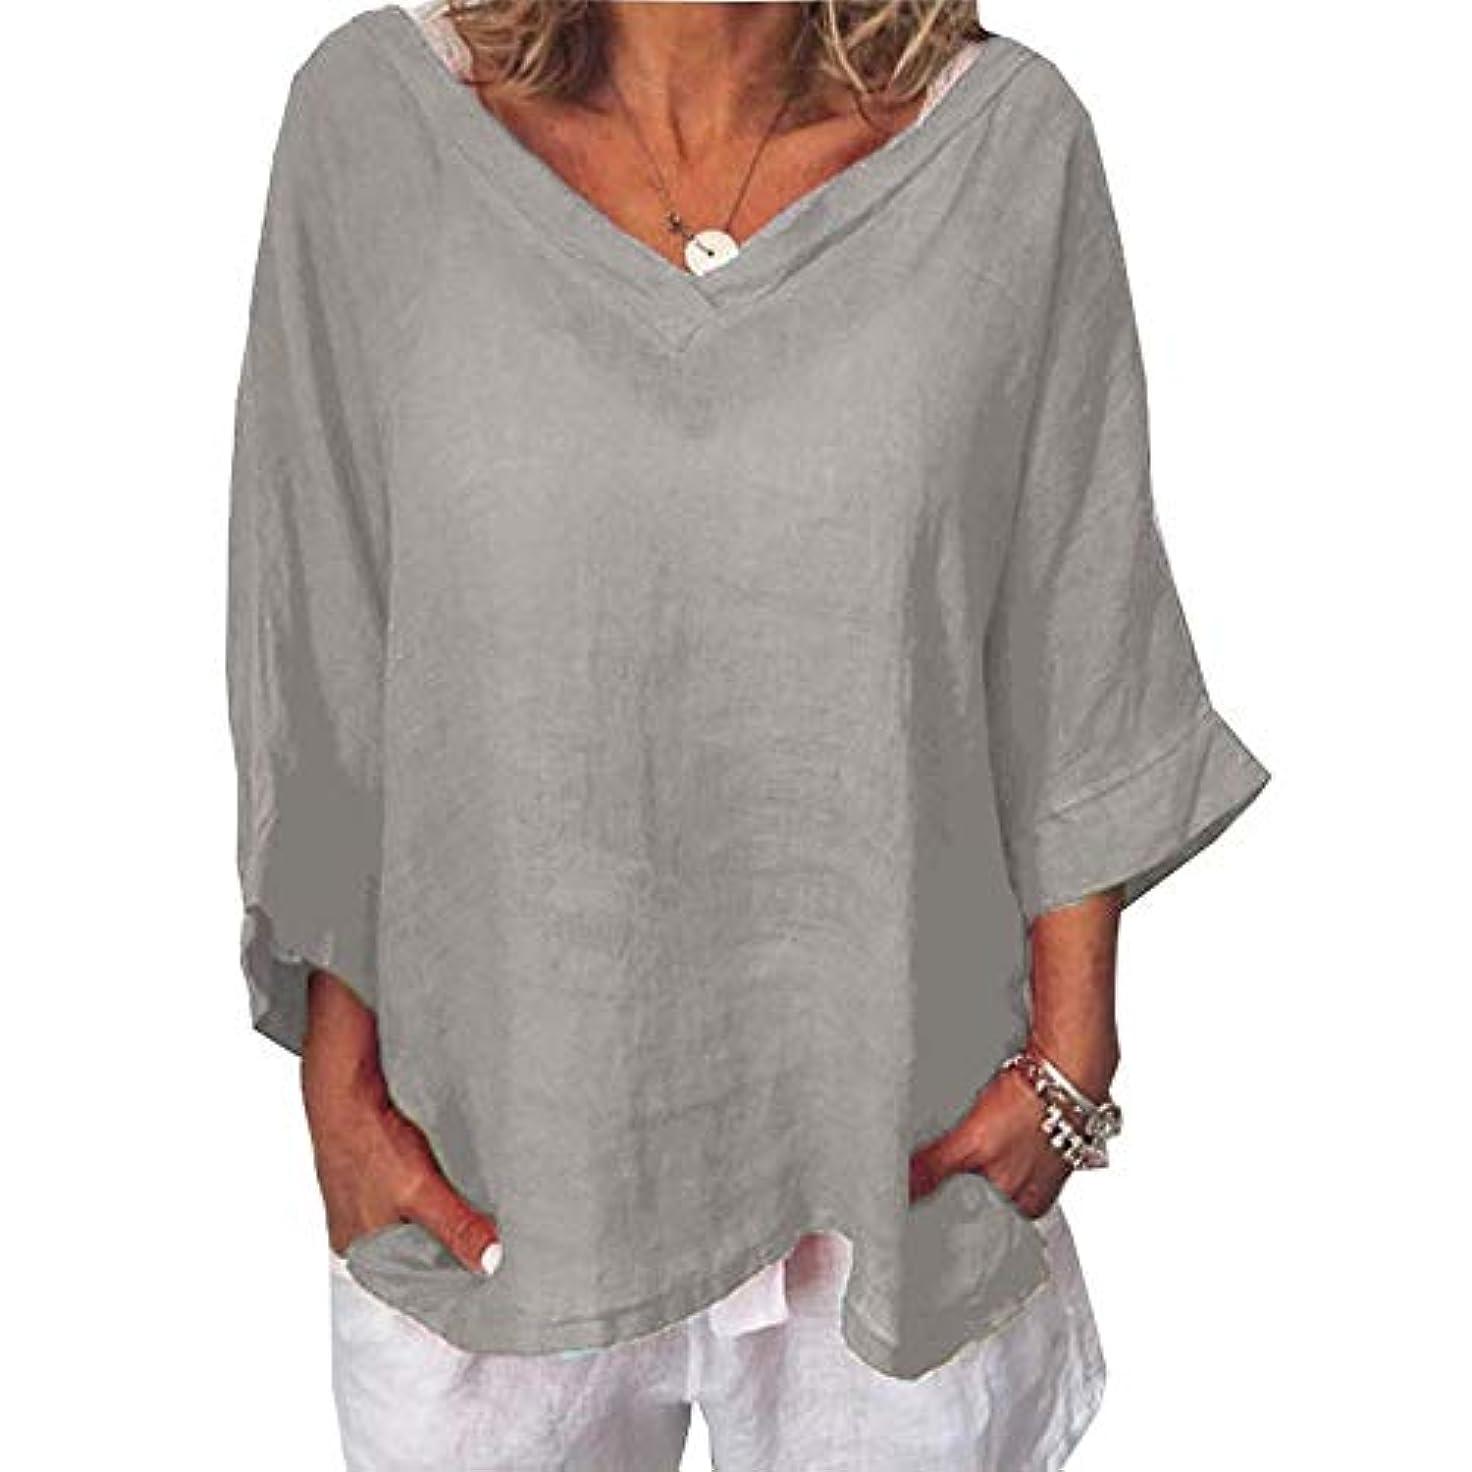 出撃者偽装する地震MIFAN女性ファッションカジュアルVネックトップス無地長袖Tシャツルーズボヘミアンビーチウェア